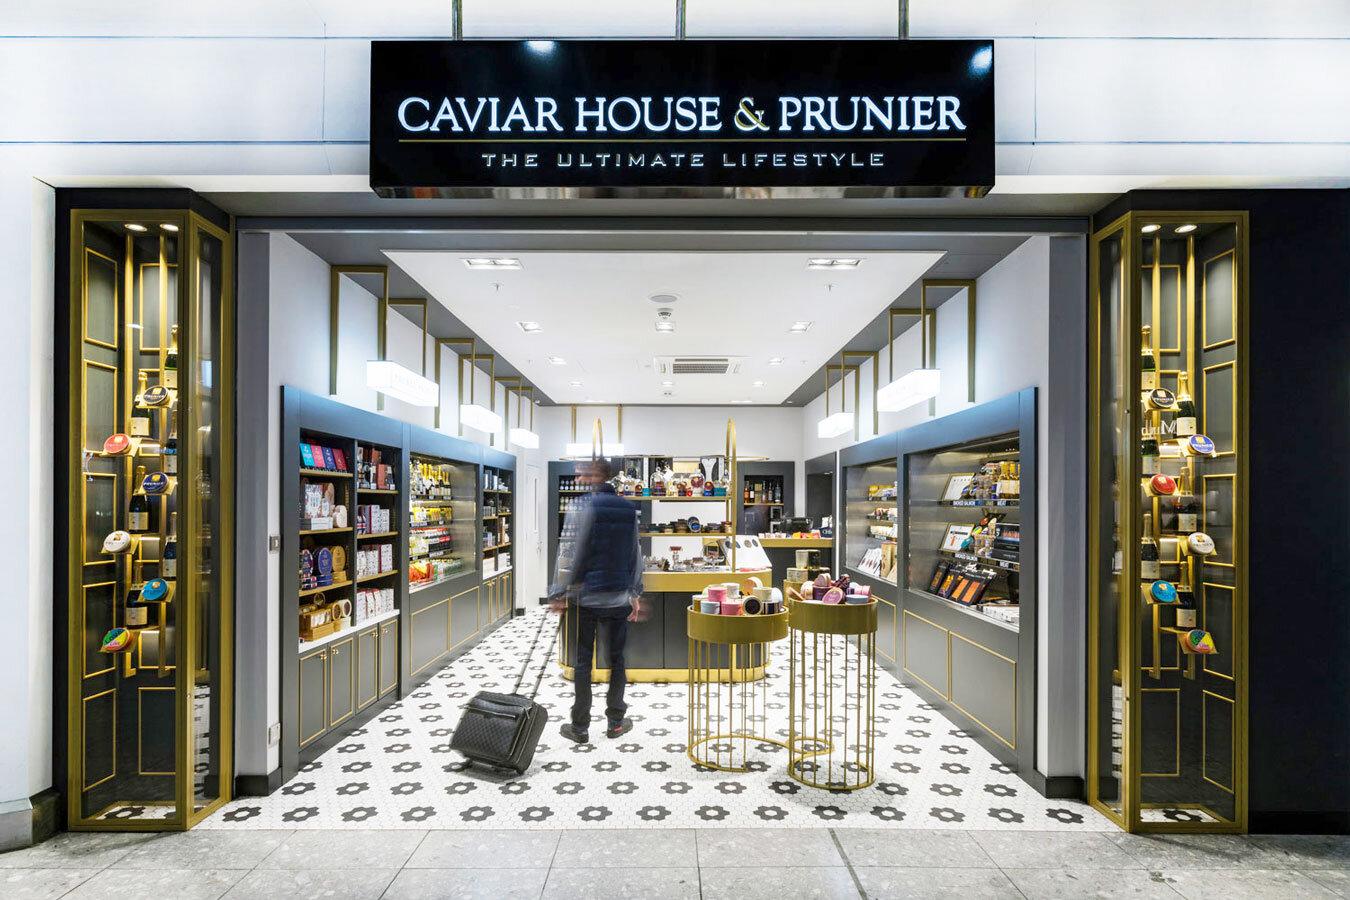 Caviar-House_T4_01_A4.jpg